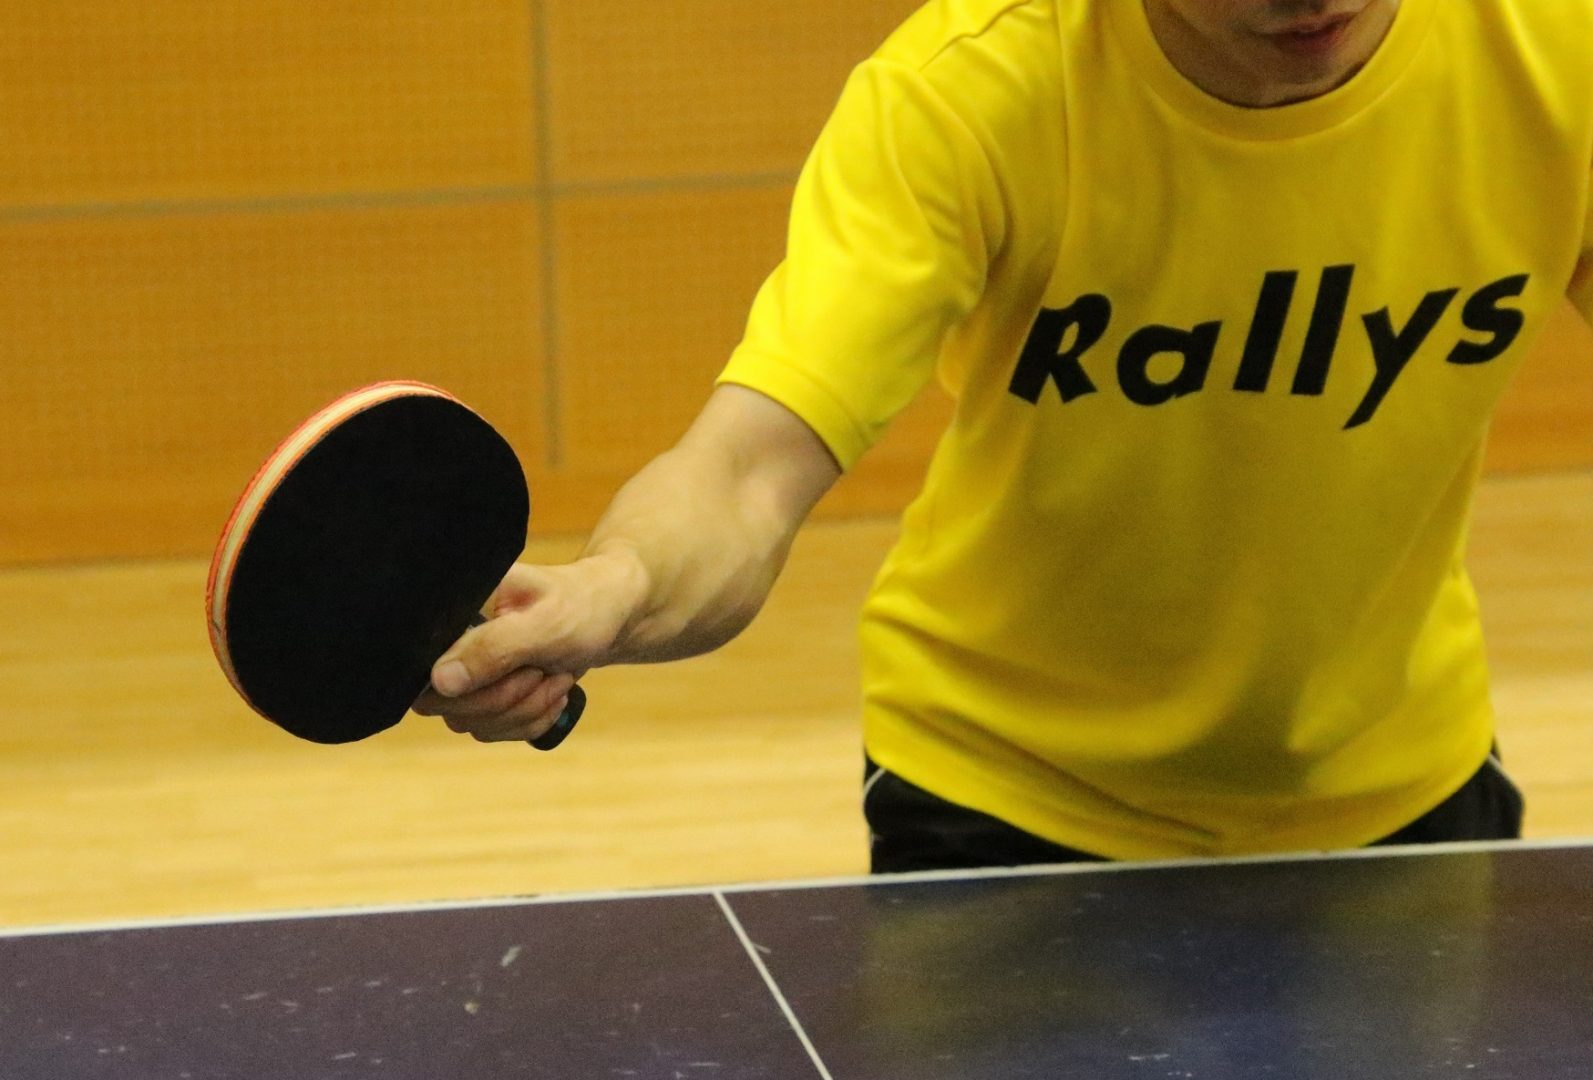 【卓球】上回転サーブに効果的なレシーブとは?トップ選手に学ぶレシーブ講座